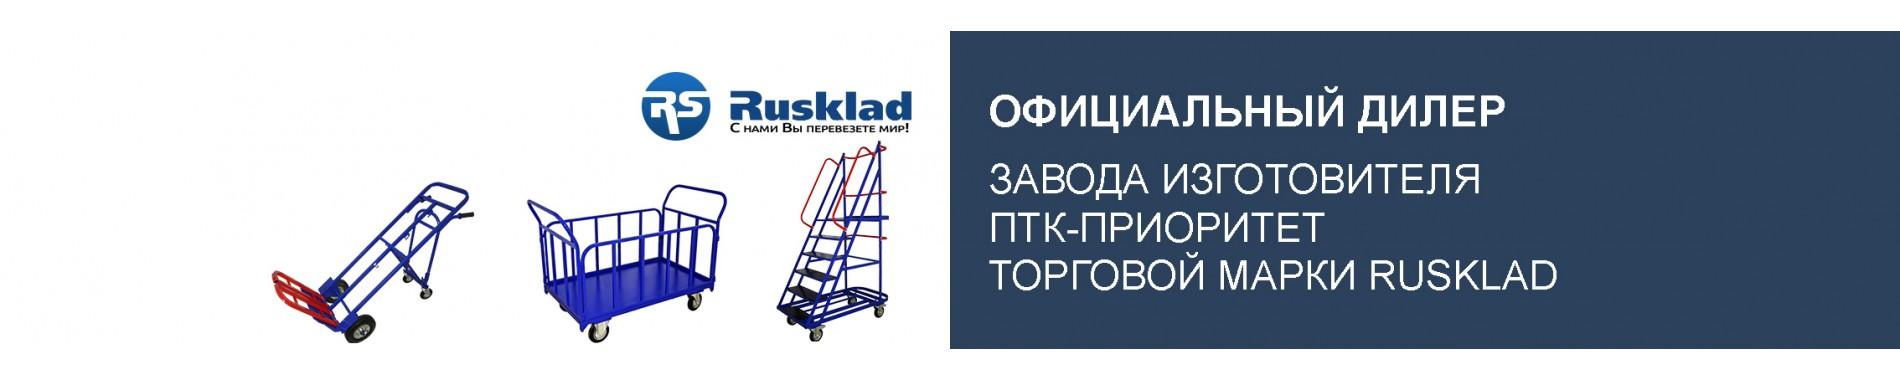 Официальный дилер ООО ПТК ПРИОРИТЕТ RUSKLAD